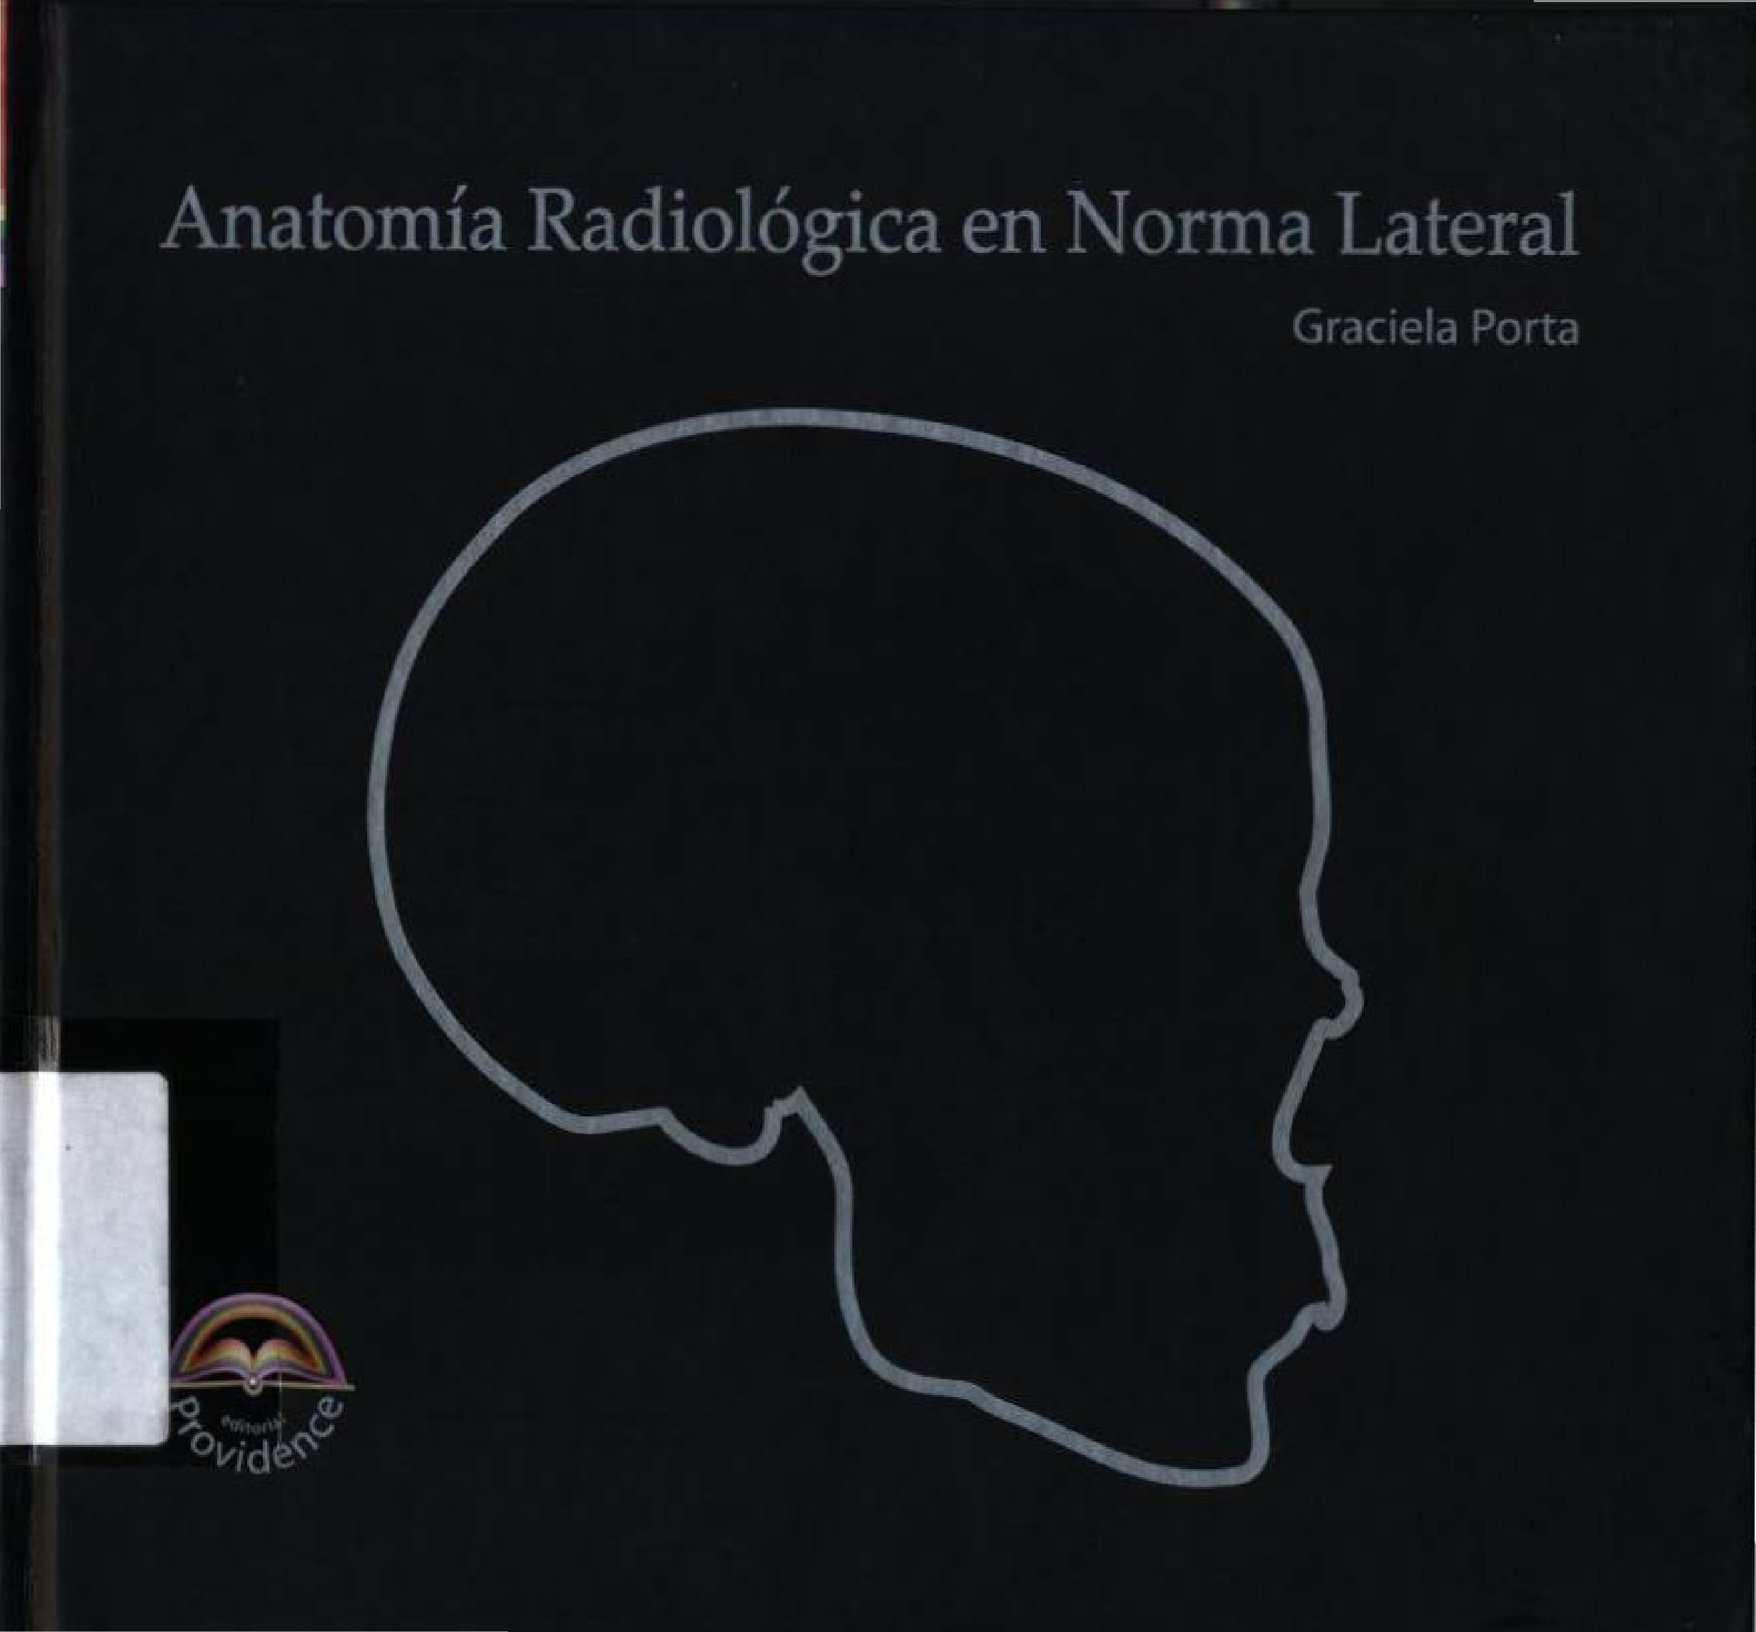 Calaméo - Anatomia Radiologica en Norma Lateral